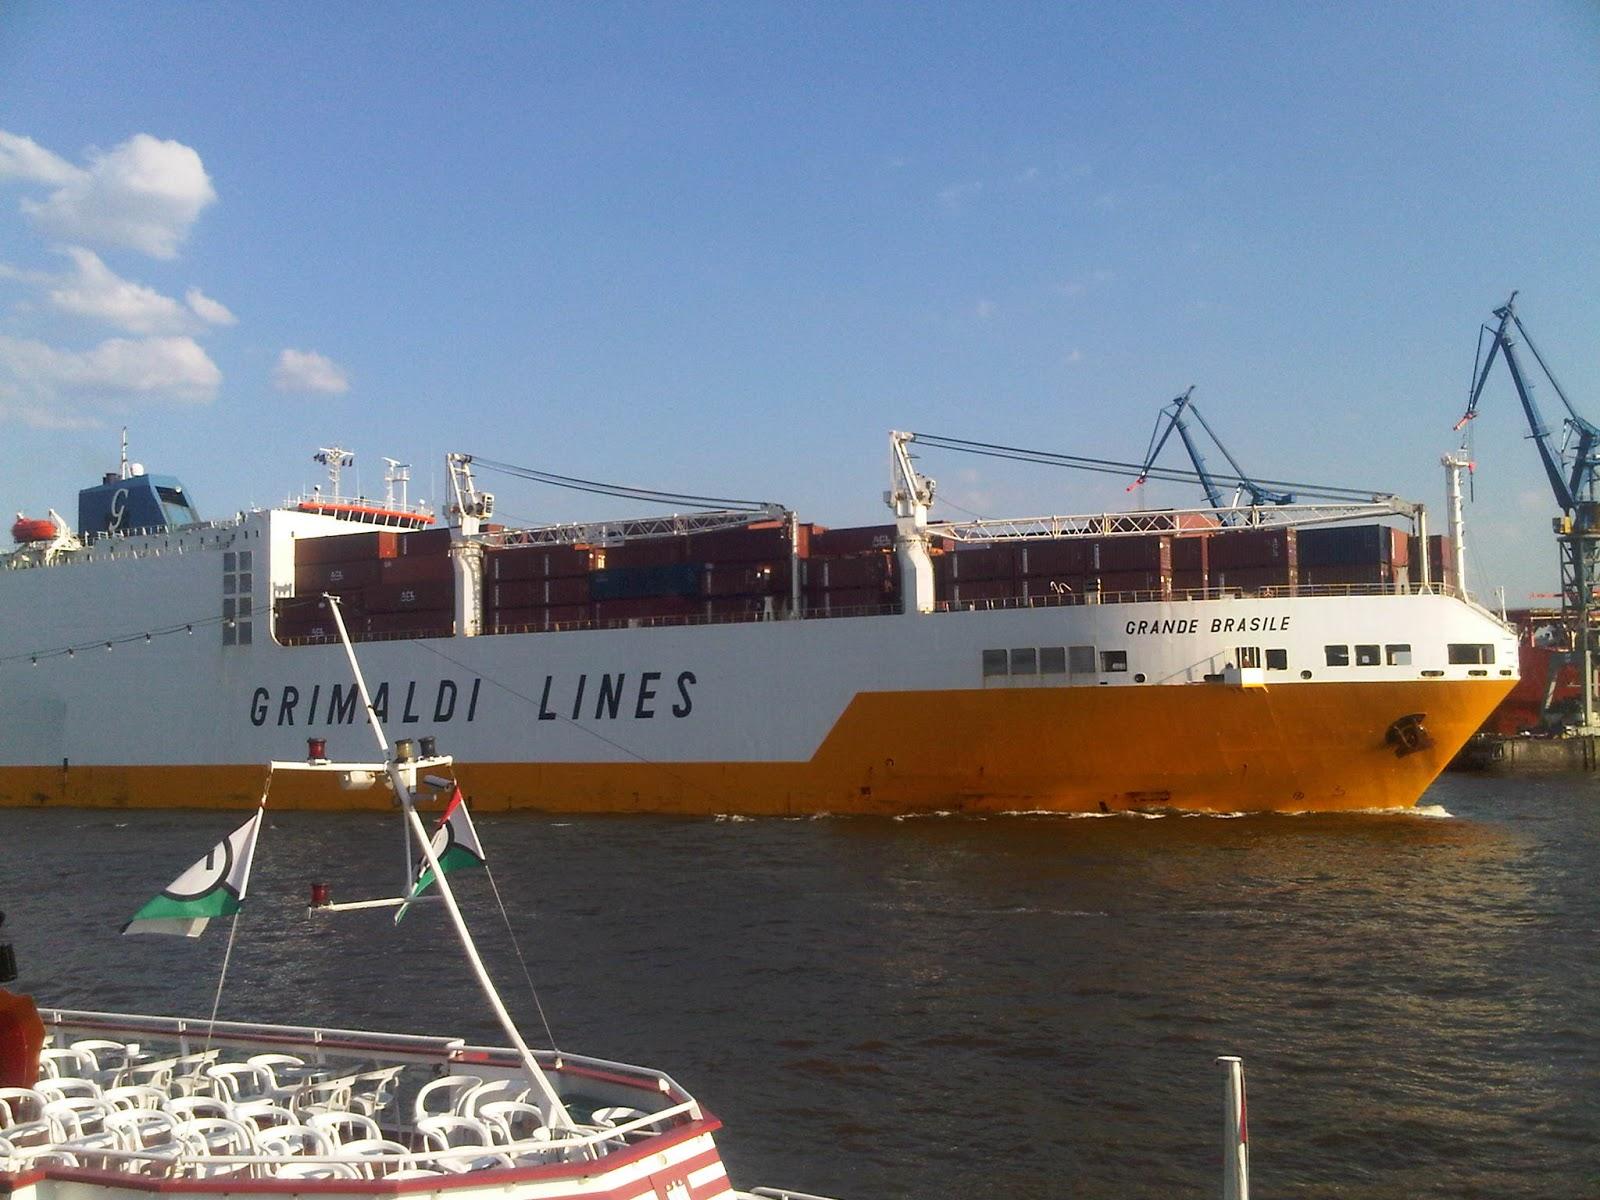 Bud der Grande Brasile der Grimaldi Lines im Hamburger Hafen